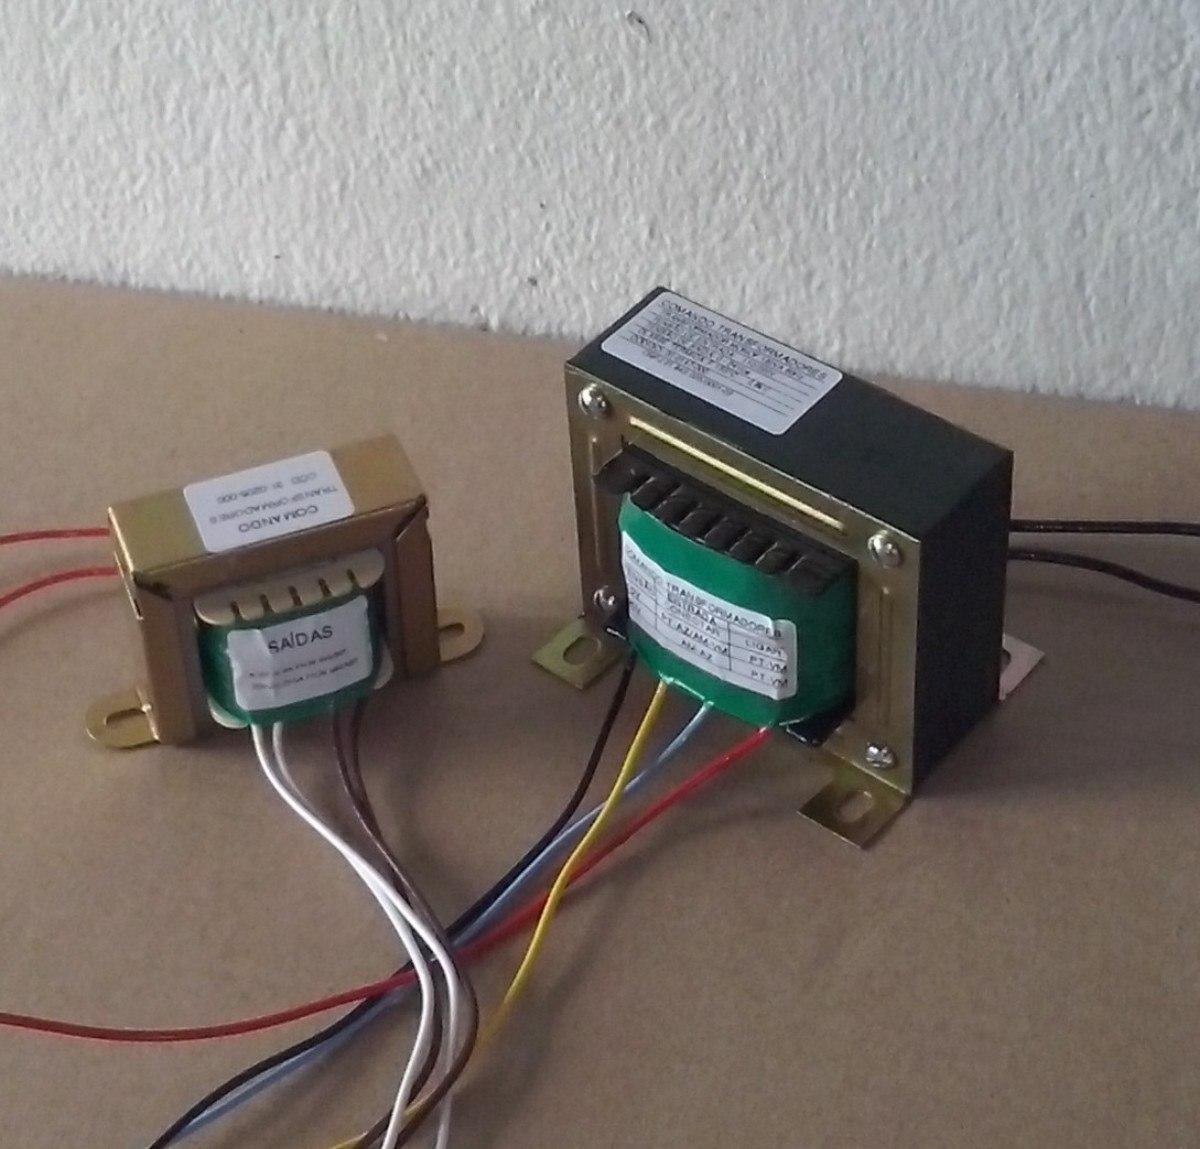 Transformador trafo 110v 220v sa da 20 20v 7a - Transformador 220 a 110 ...